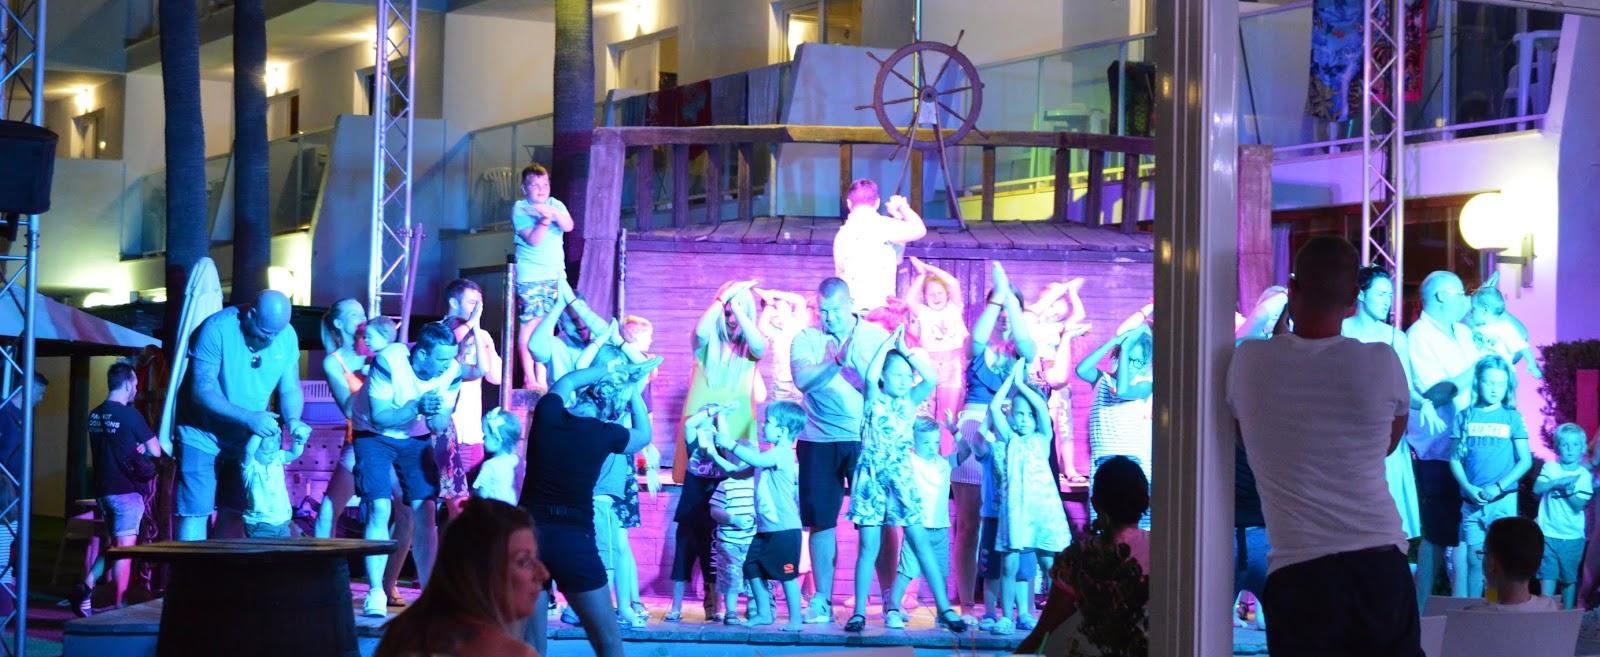 Pirates Village Santa Ponsa | Jet 2 Holidays Review  - mini disco